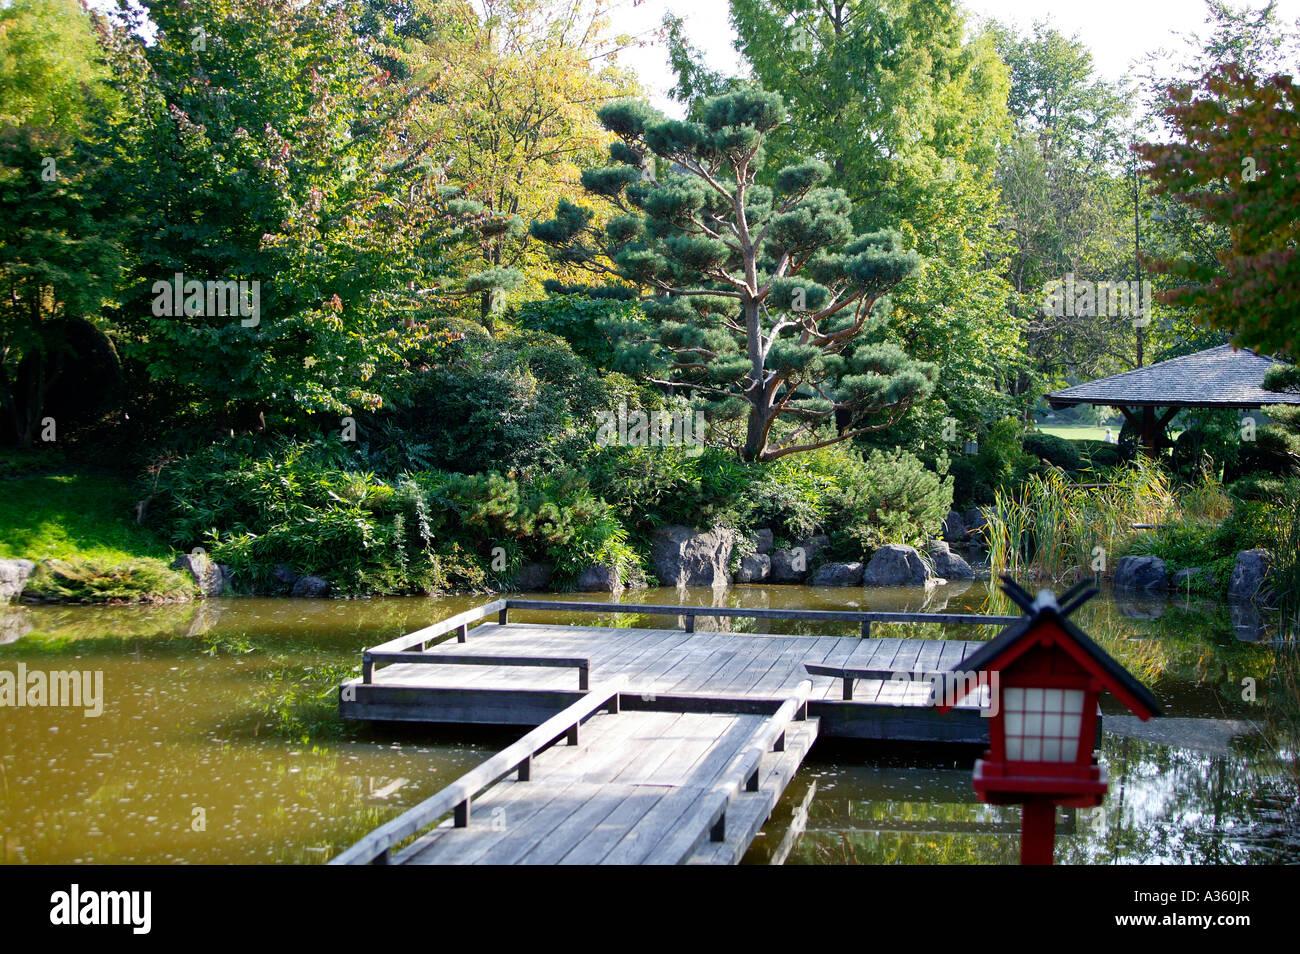 Japanischer Garten München muenchen gartenlandschaft garten japanische garten münchen